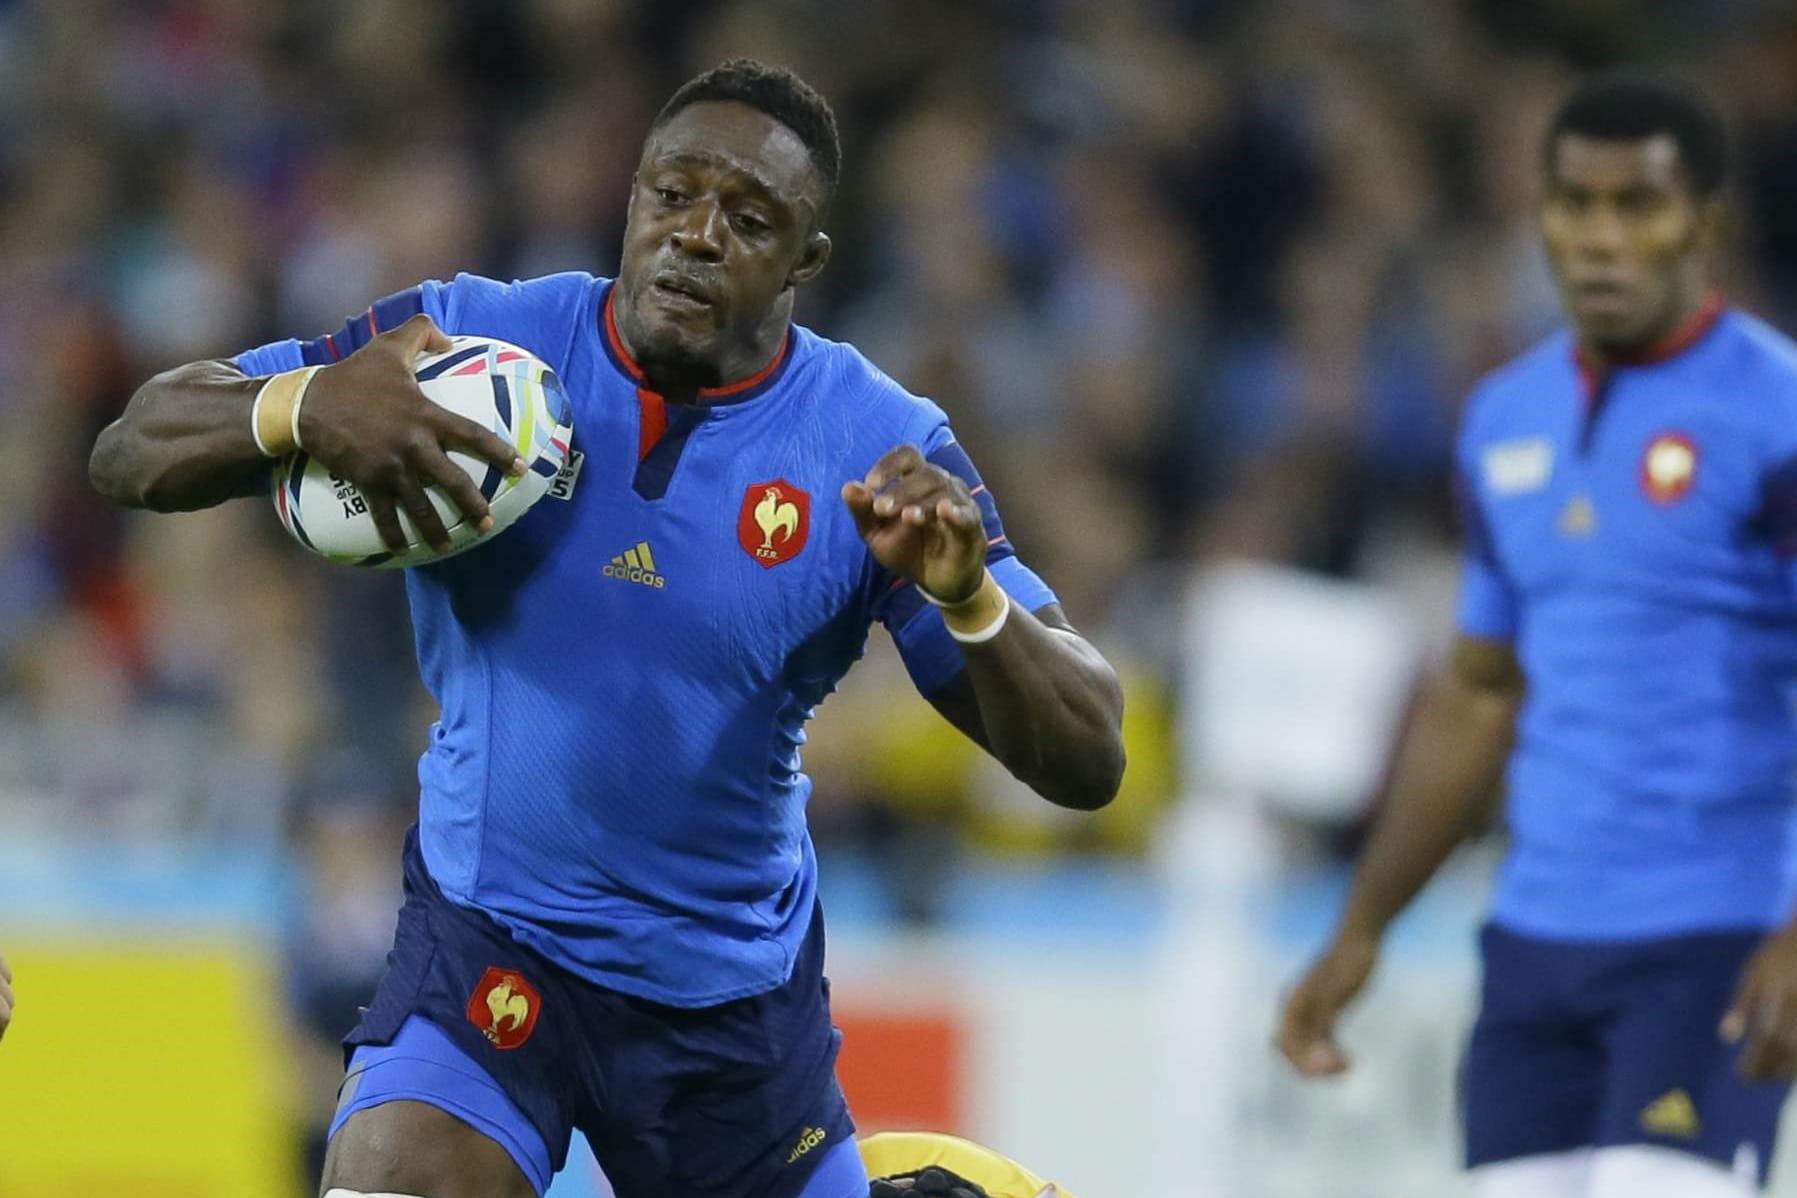 Coupe du monde de rugby 2015 les bleus dominent la - Calendrier de la coupe du monde de rugby 2015 ...